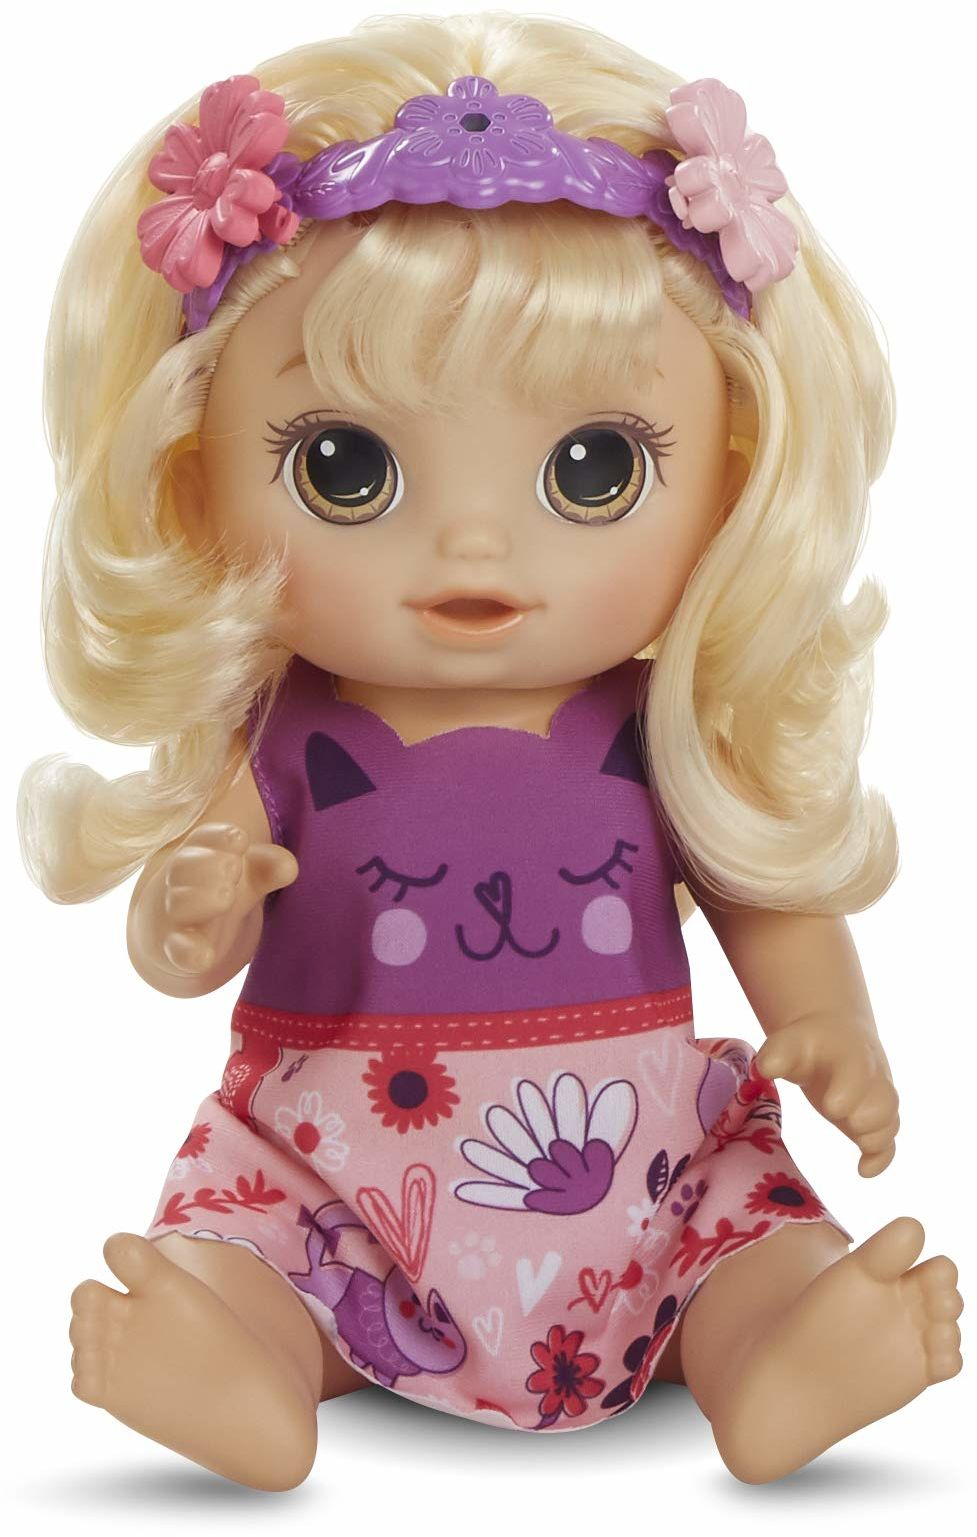 Hasbro Baby Alive magia włosów dla niemowląt z włosami blond, mówiąca lalka z włosami, które rosną i stają się krótsze, zabawka dla dzieci od 3 lat